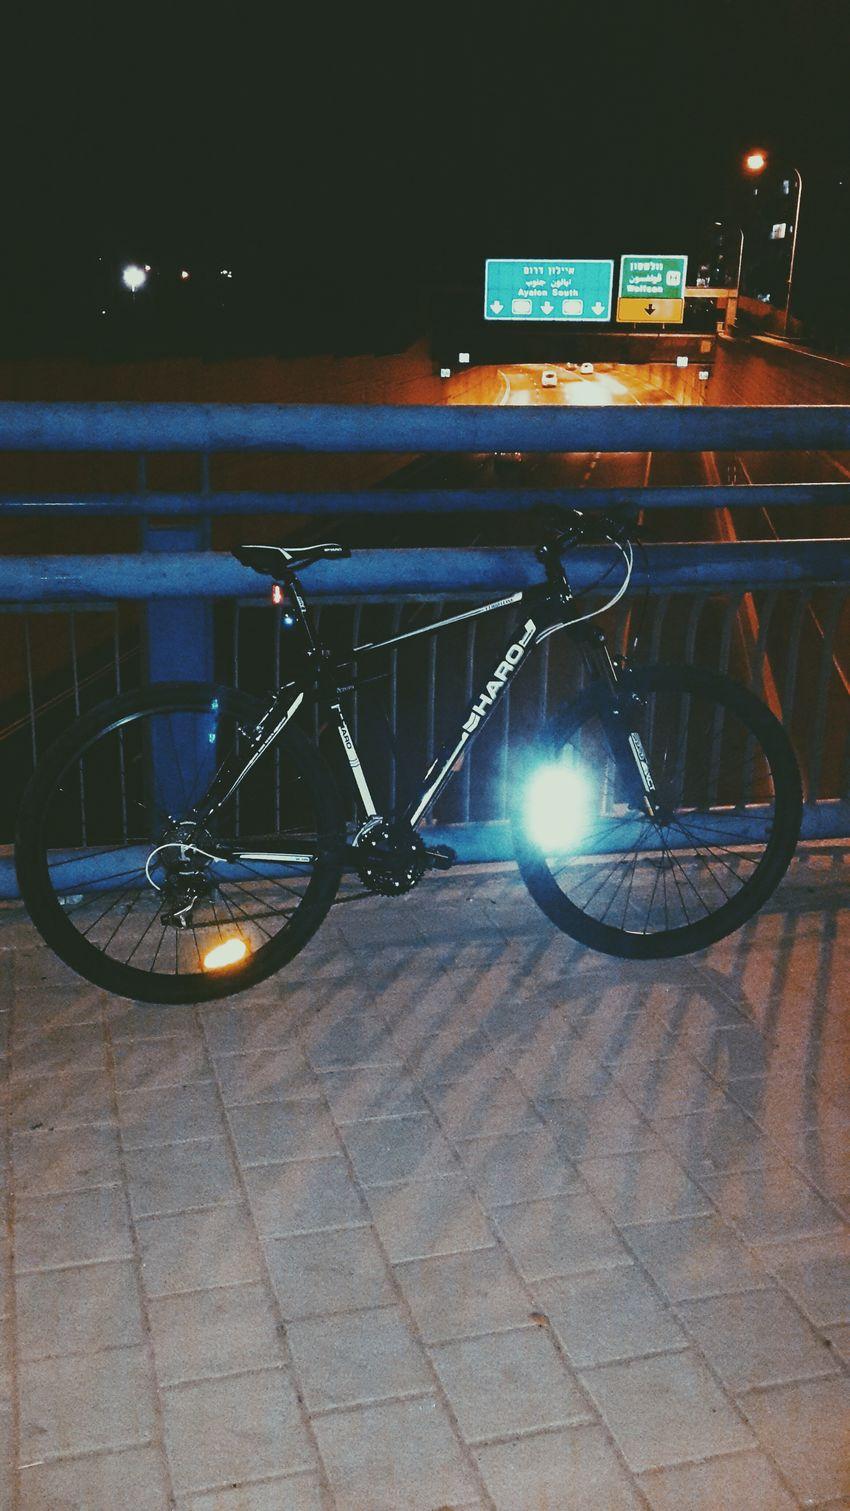 Bicycle New Citycross